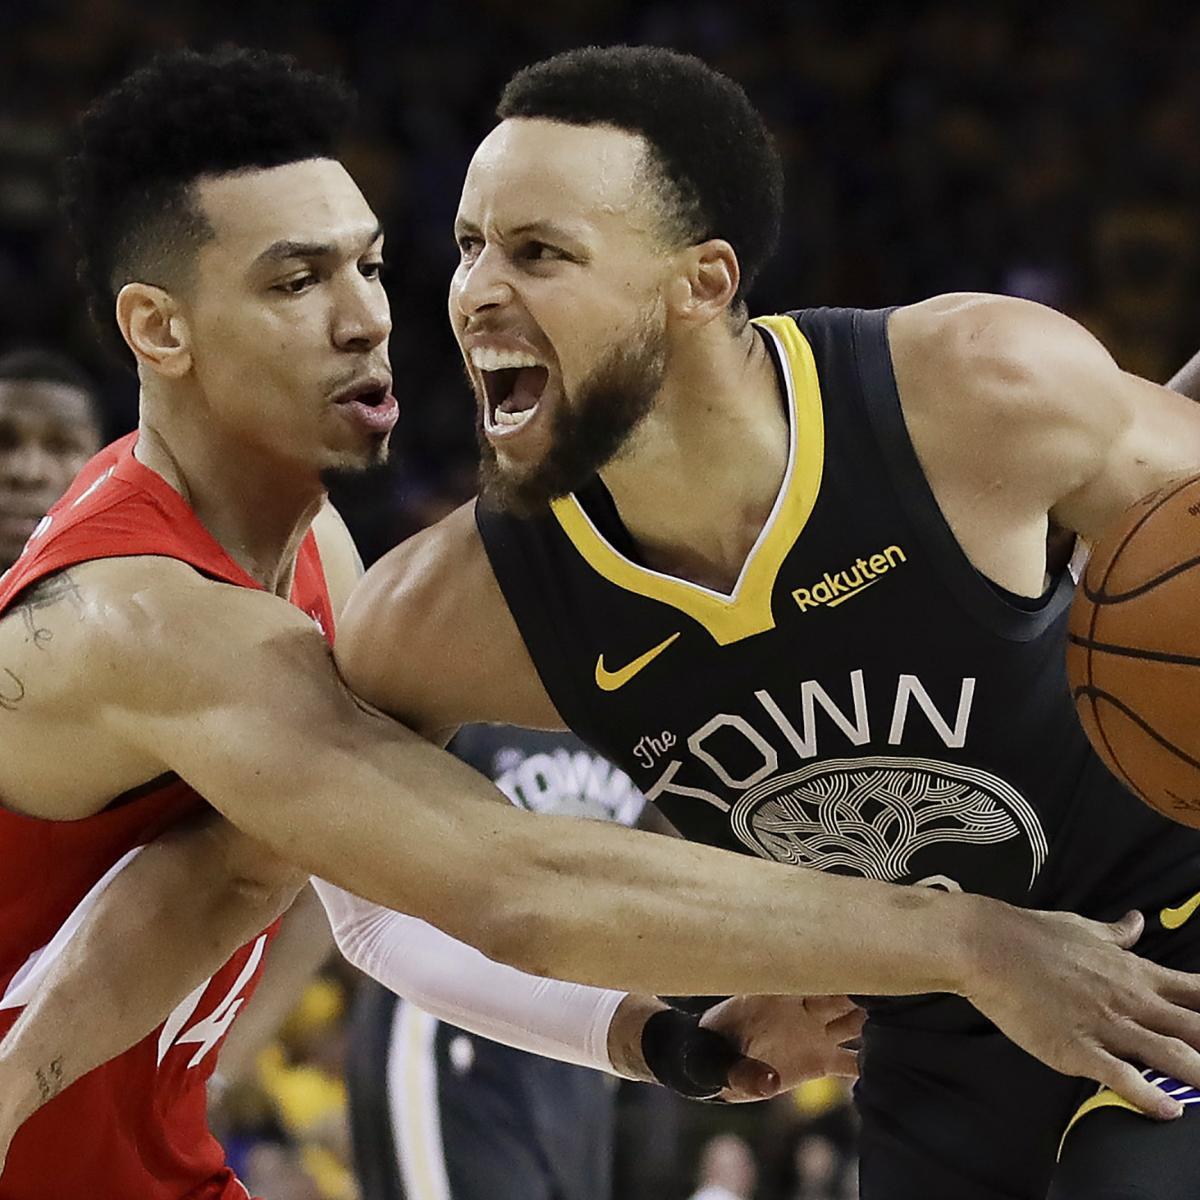 NBA Finals 2019: Raptors Vs. Warriors Game 6 TV Schedule